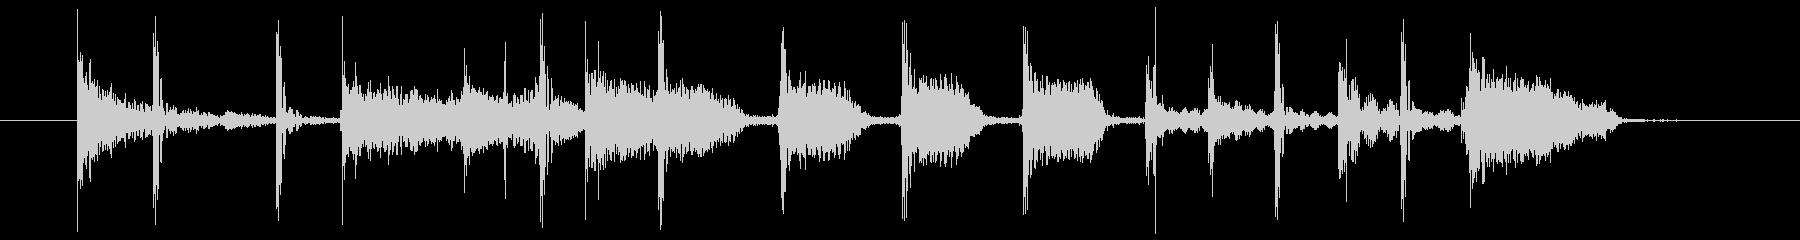 ブルージーなロックジングルの未再生の波形